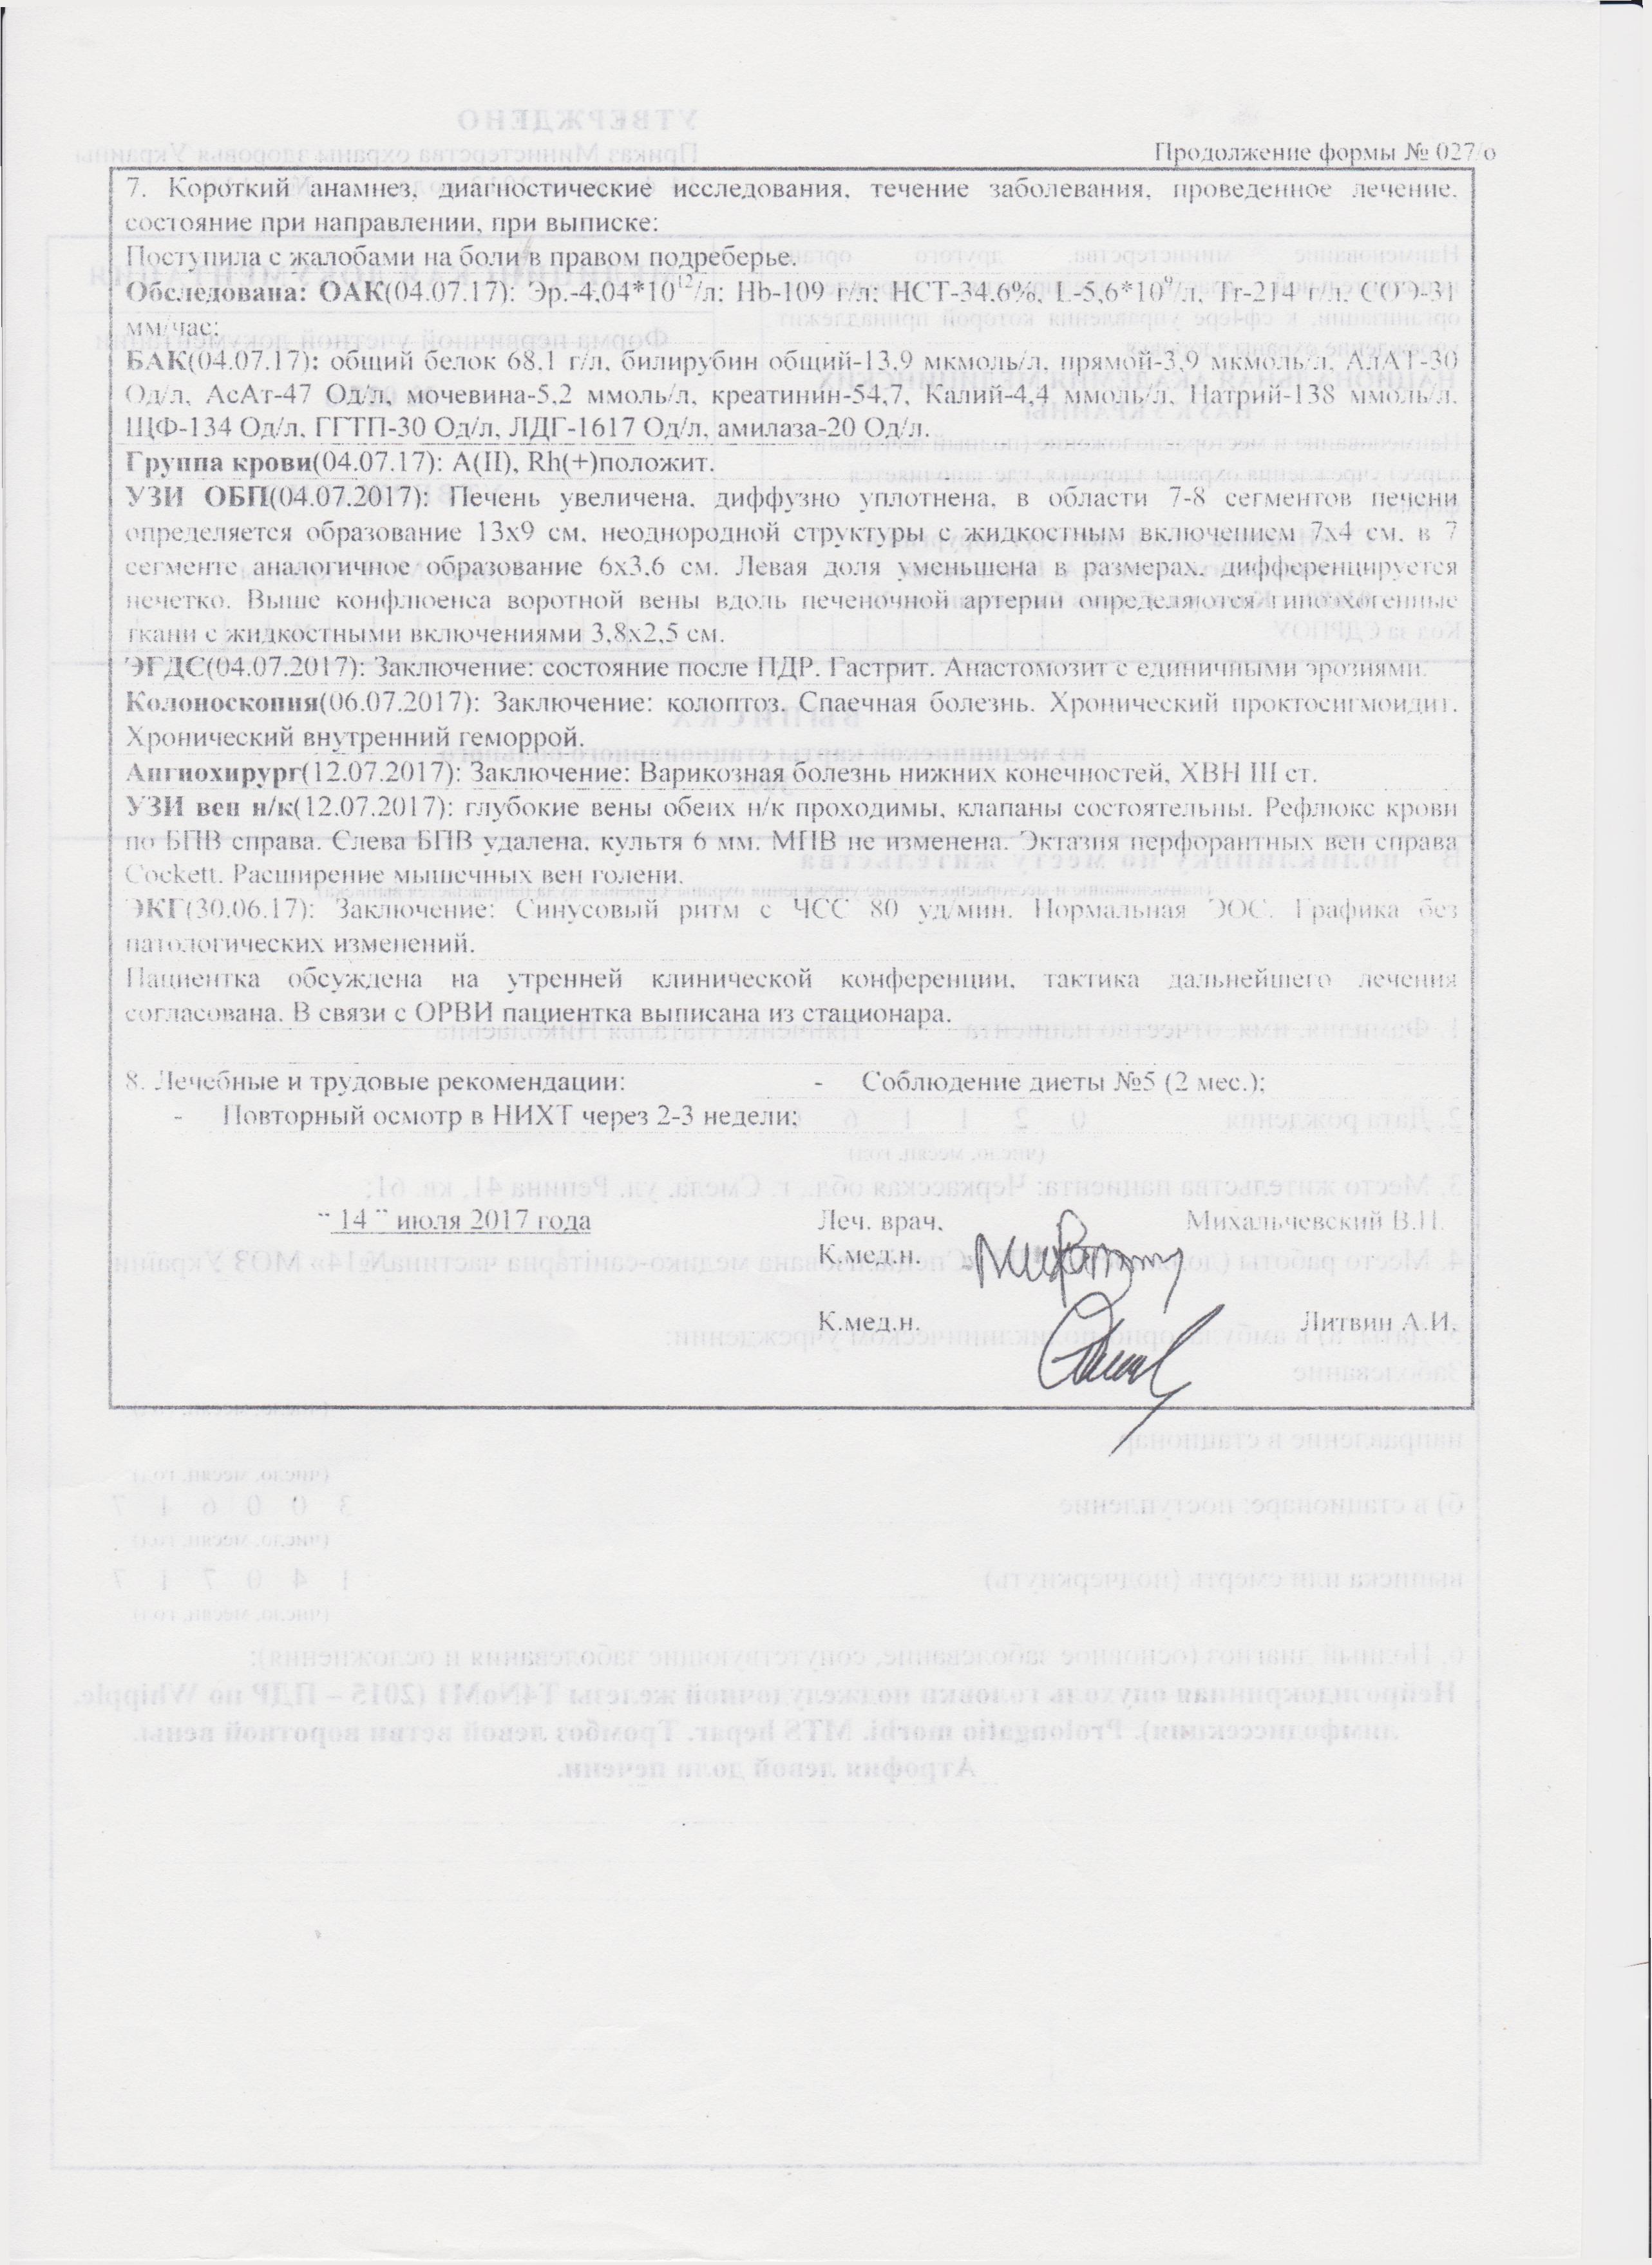 документы Нянченко Н.Н.0006